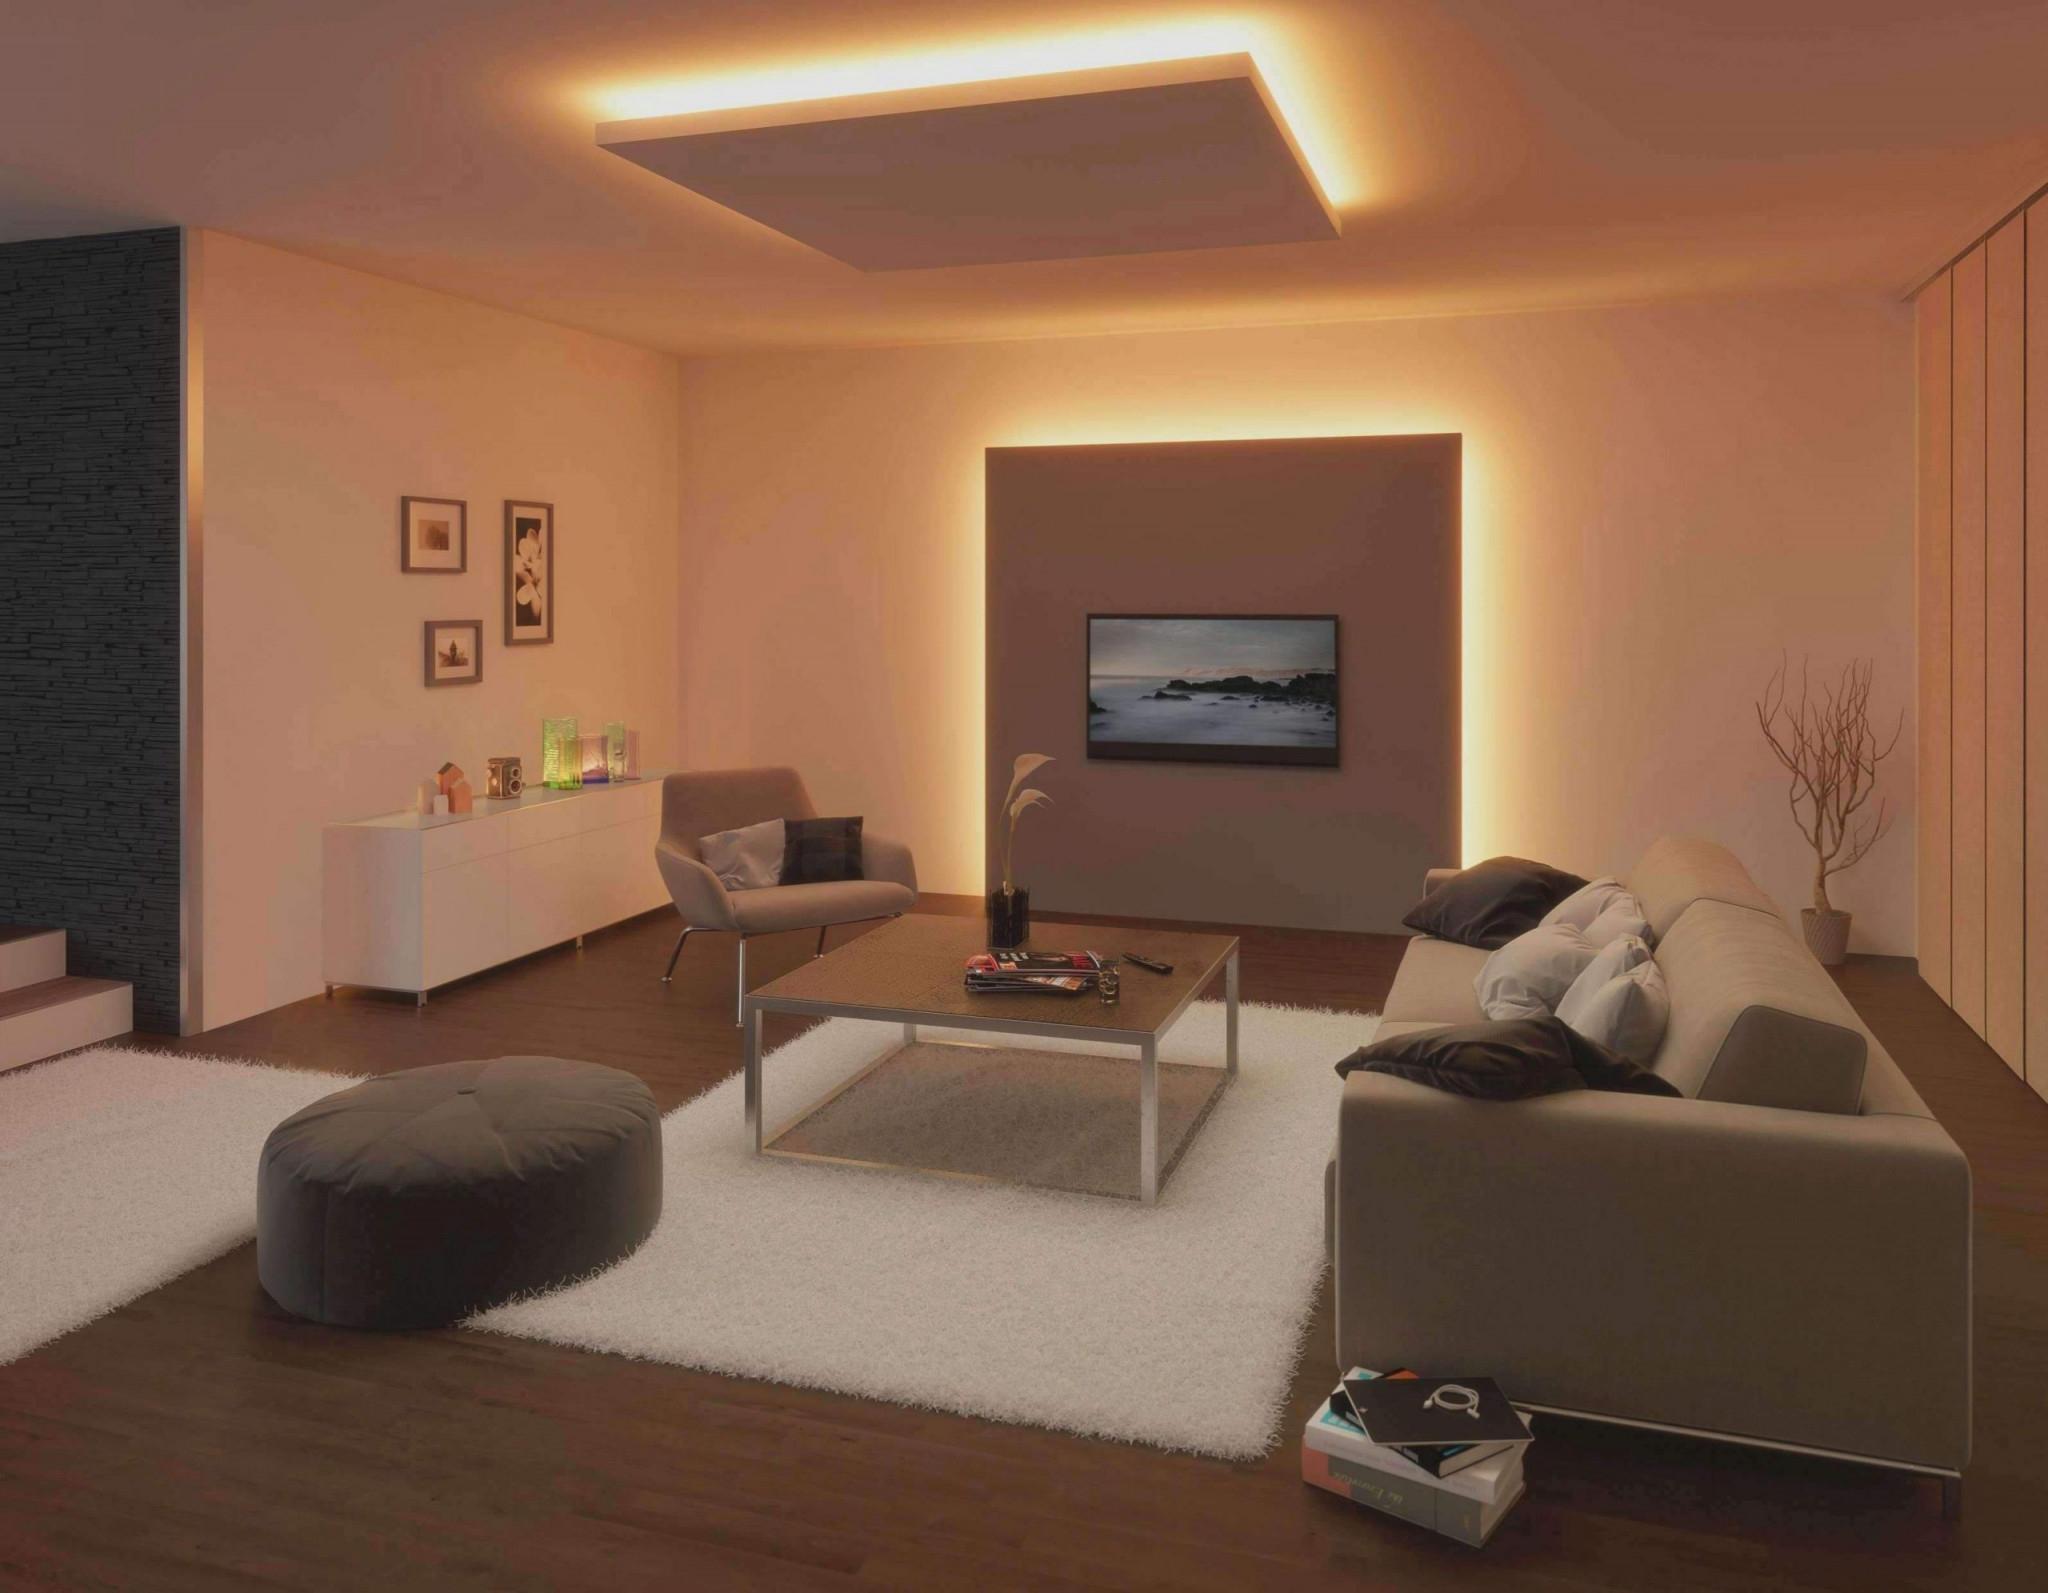 Coole Wohnzimmer Luxus Coole Wohnzimmer Frisch Coole von Luxus Wohnzimmer Ideen Photo